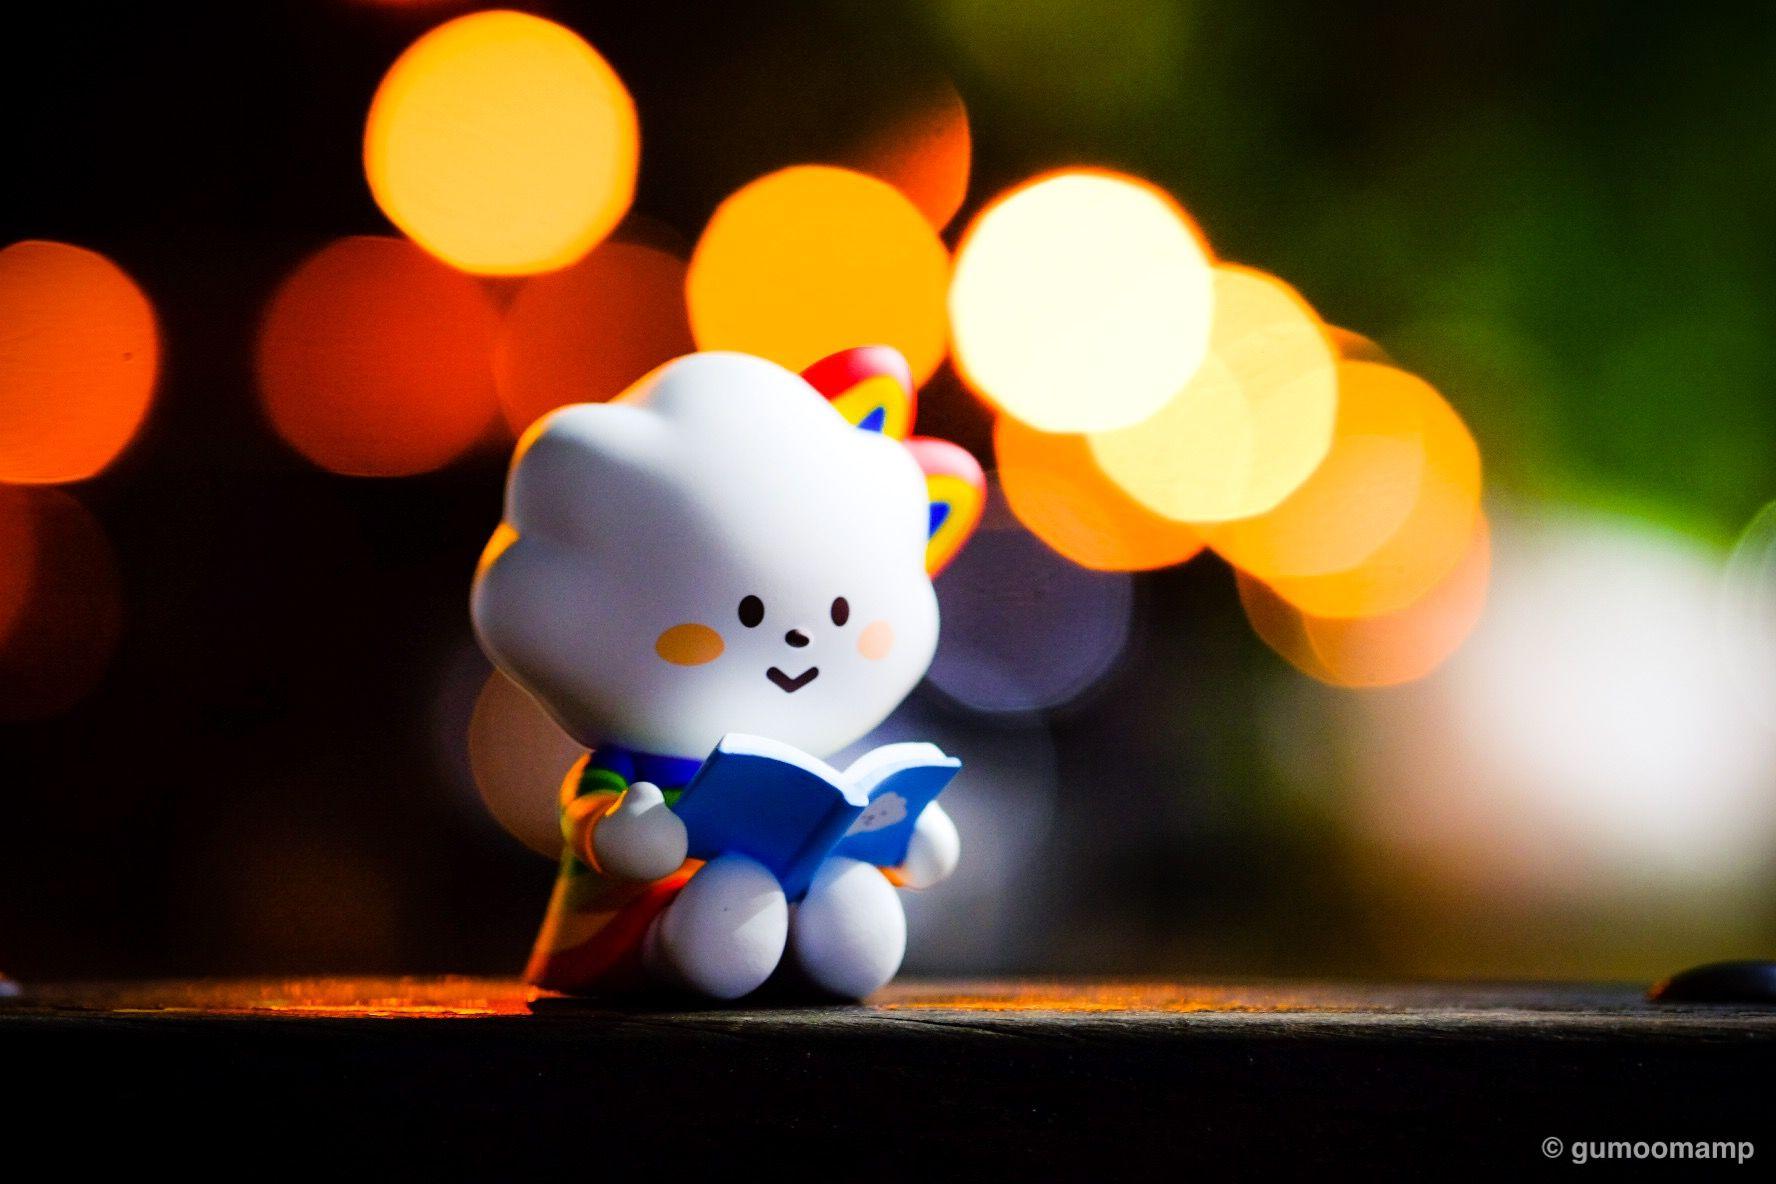 Bokeh Cute Images For Dp Cute Cartoon Wallpapers Cute Bear Drawings